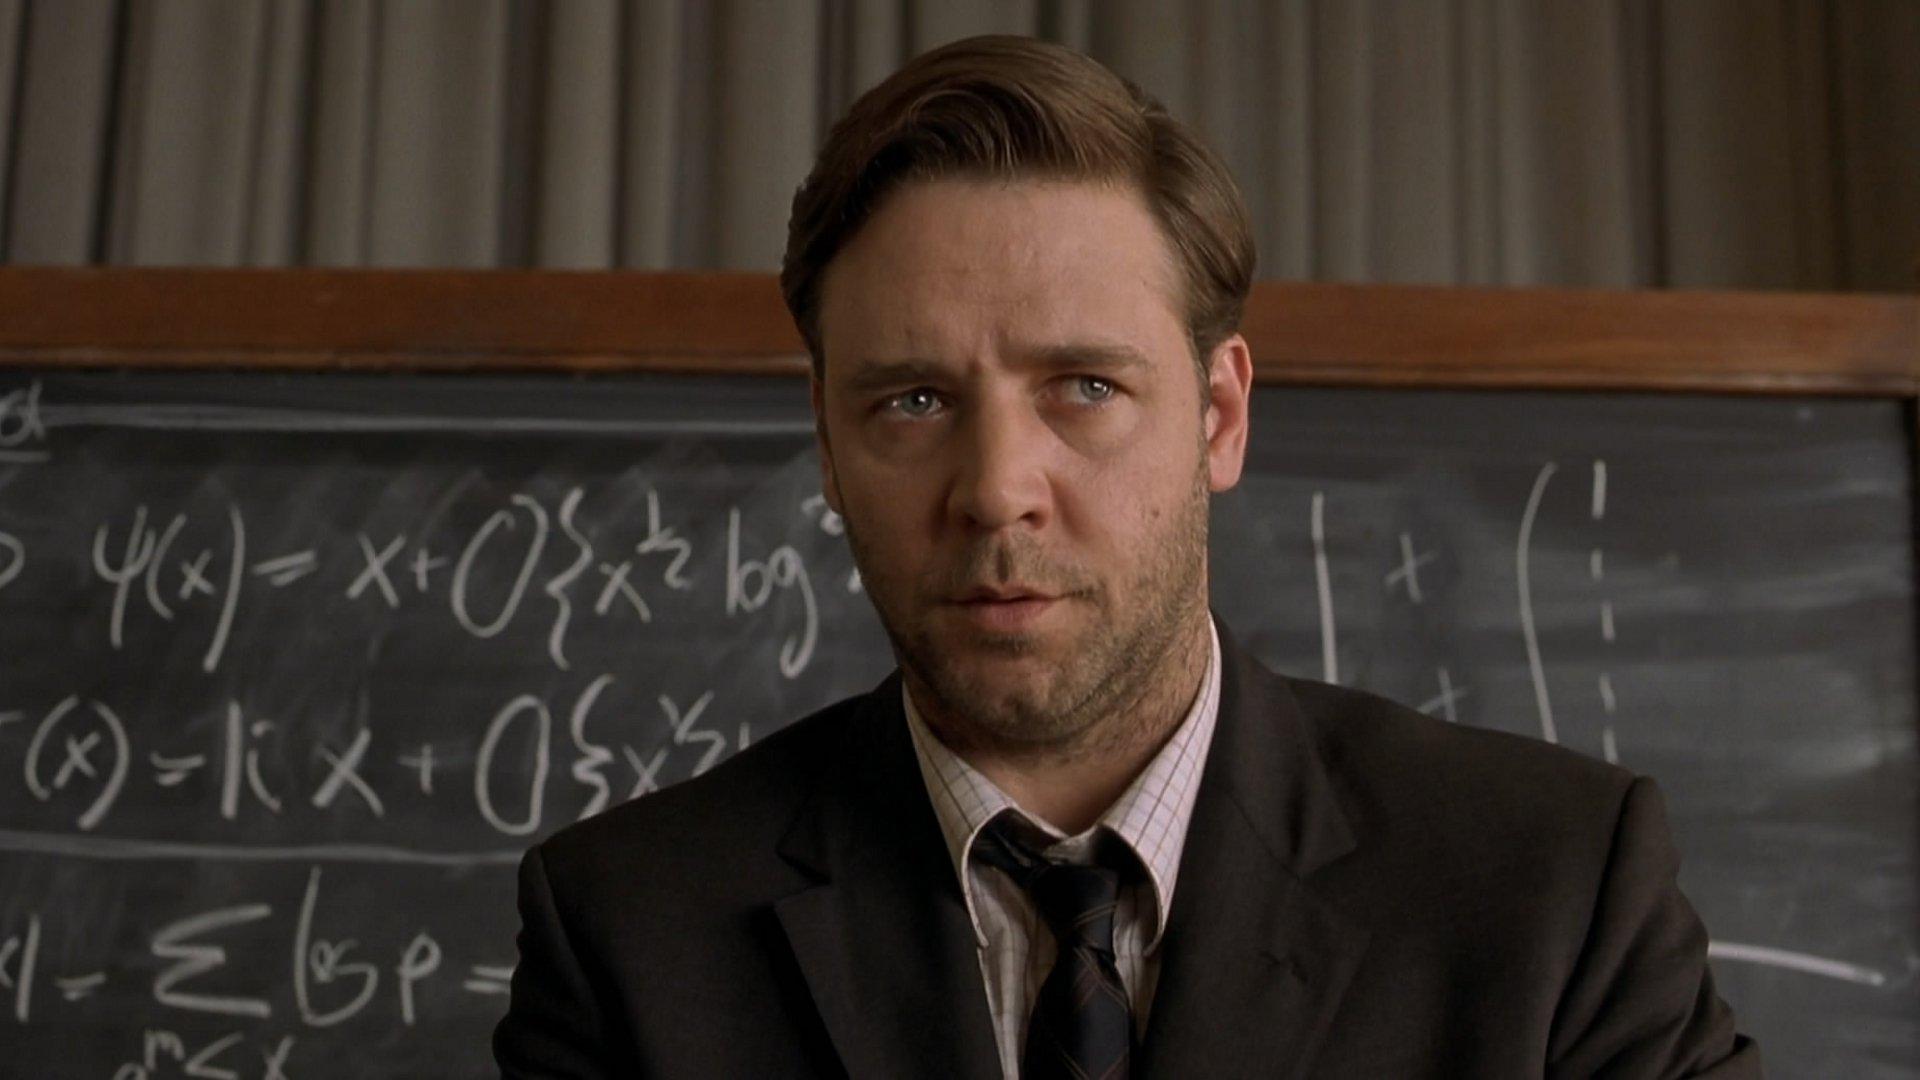 Прототипом главного героя фильма Рона Ховарда «Игры разума» стал выдающийся математик Джон Нэш, страдающий бредом величия